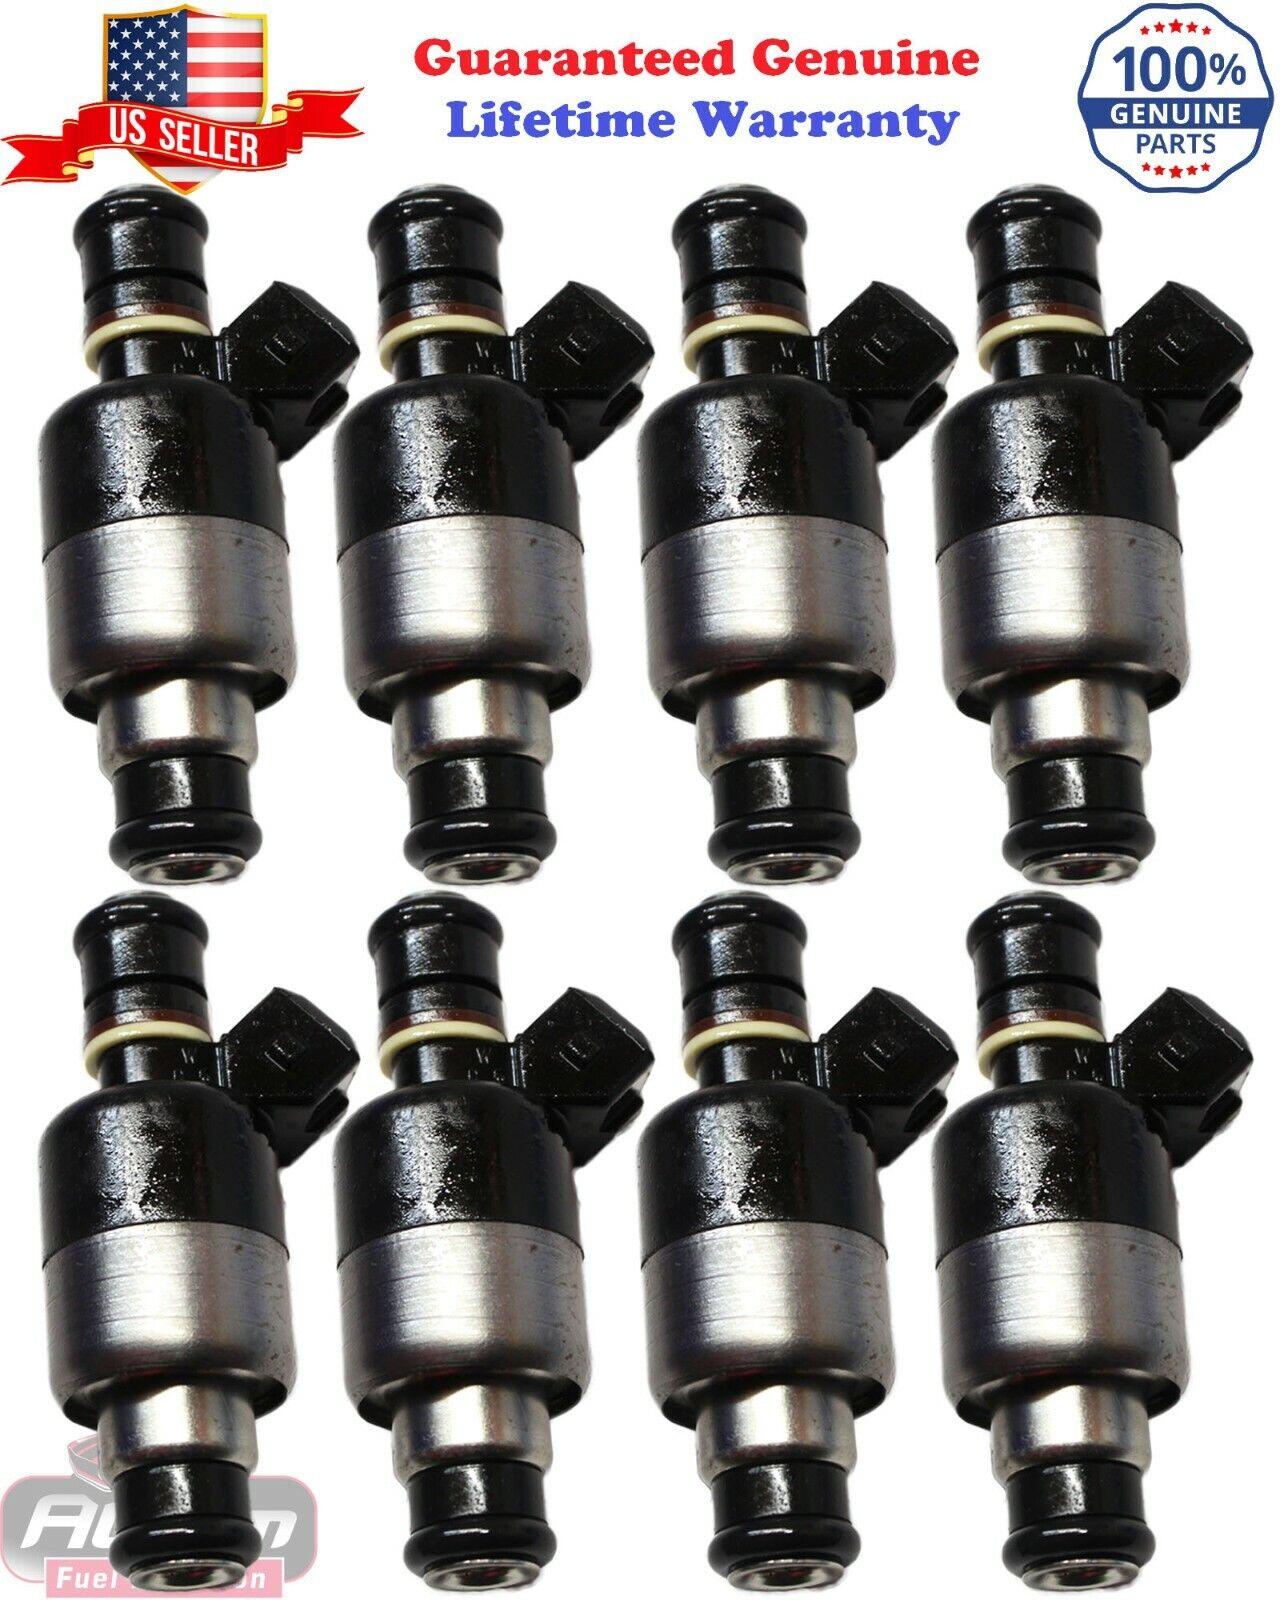 Set 8 Fuel Injectors For 1996-2000 Chevrolet C2500 C3500 K2500 K3500 7.4L 454 Vortec